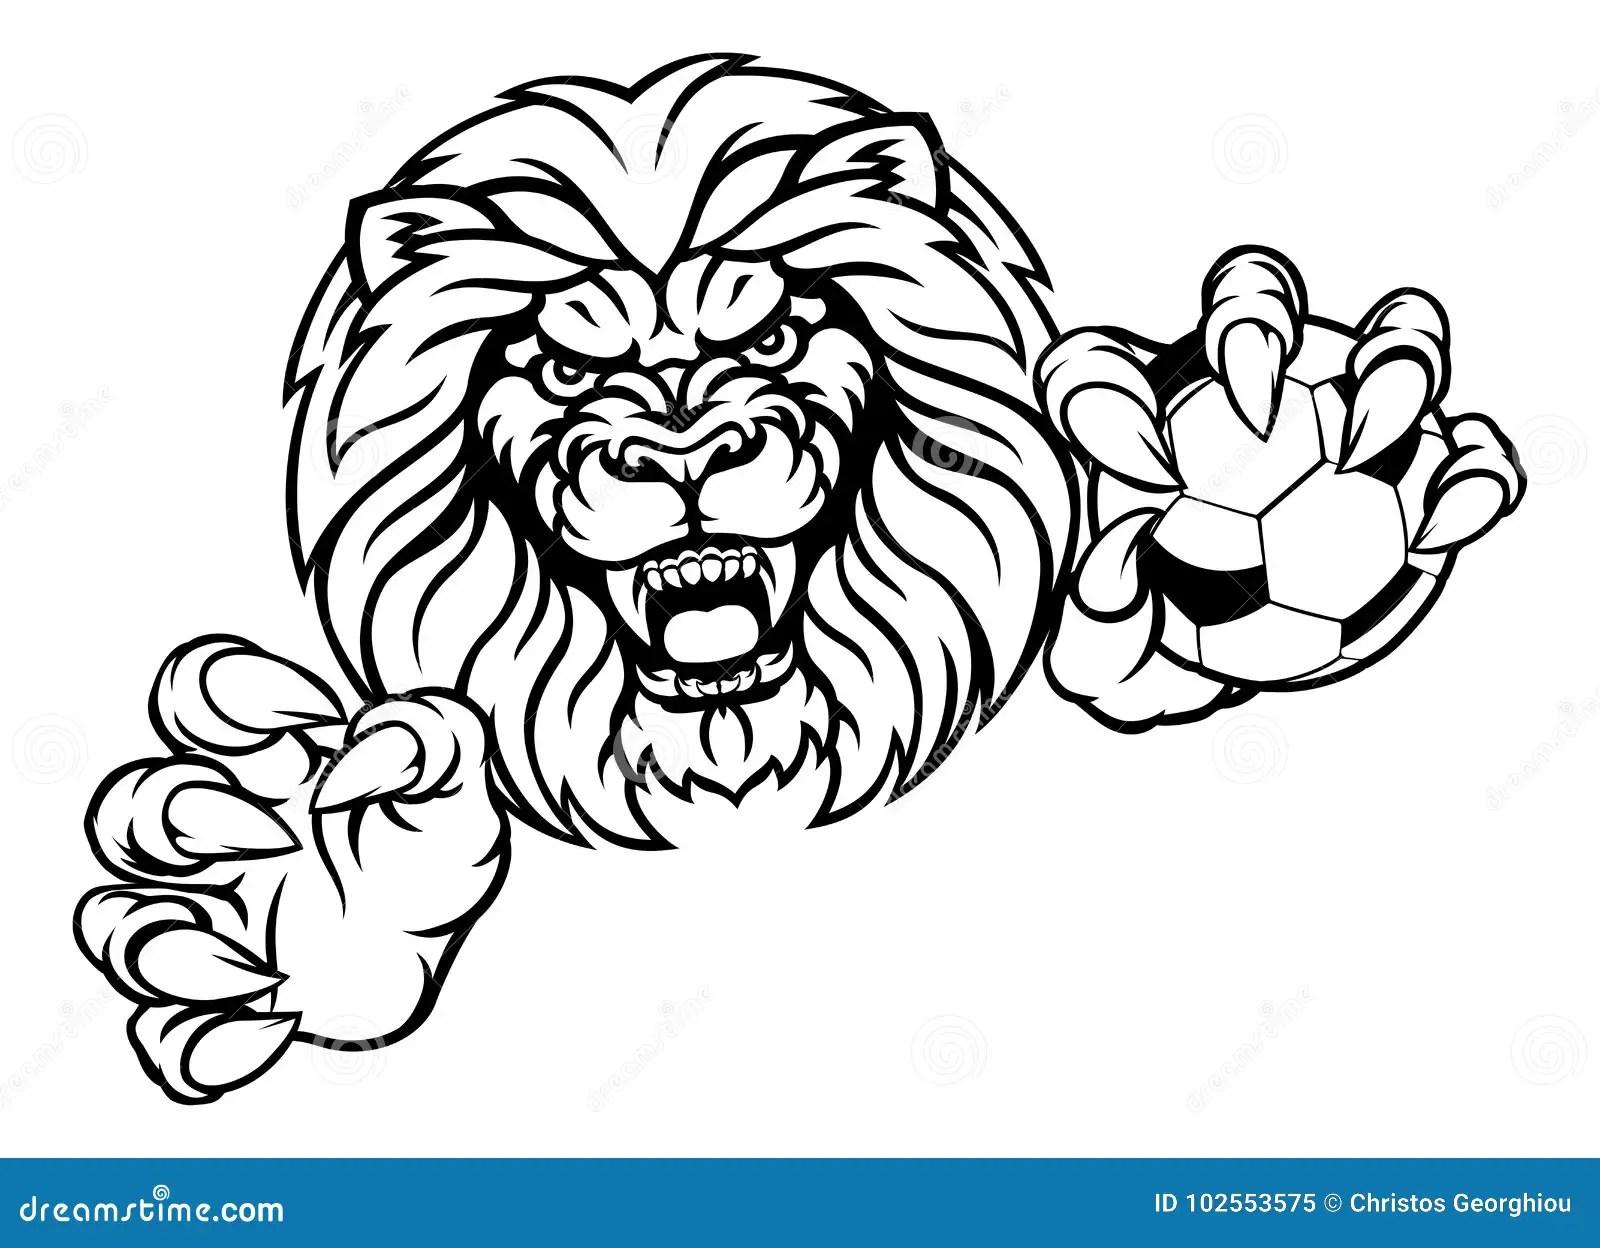 Lion Soccer Ball Sports Mascot Illustrazione Vettoriale